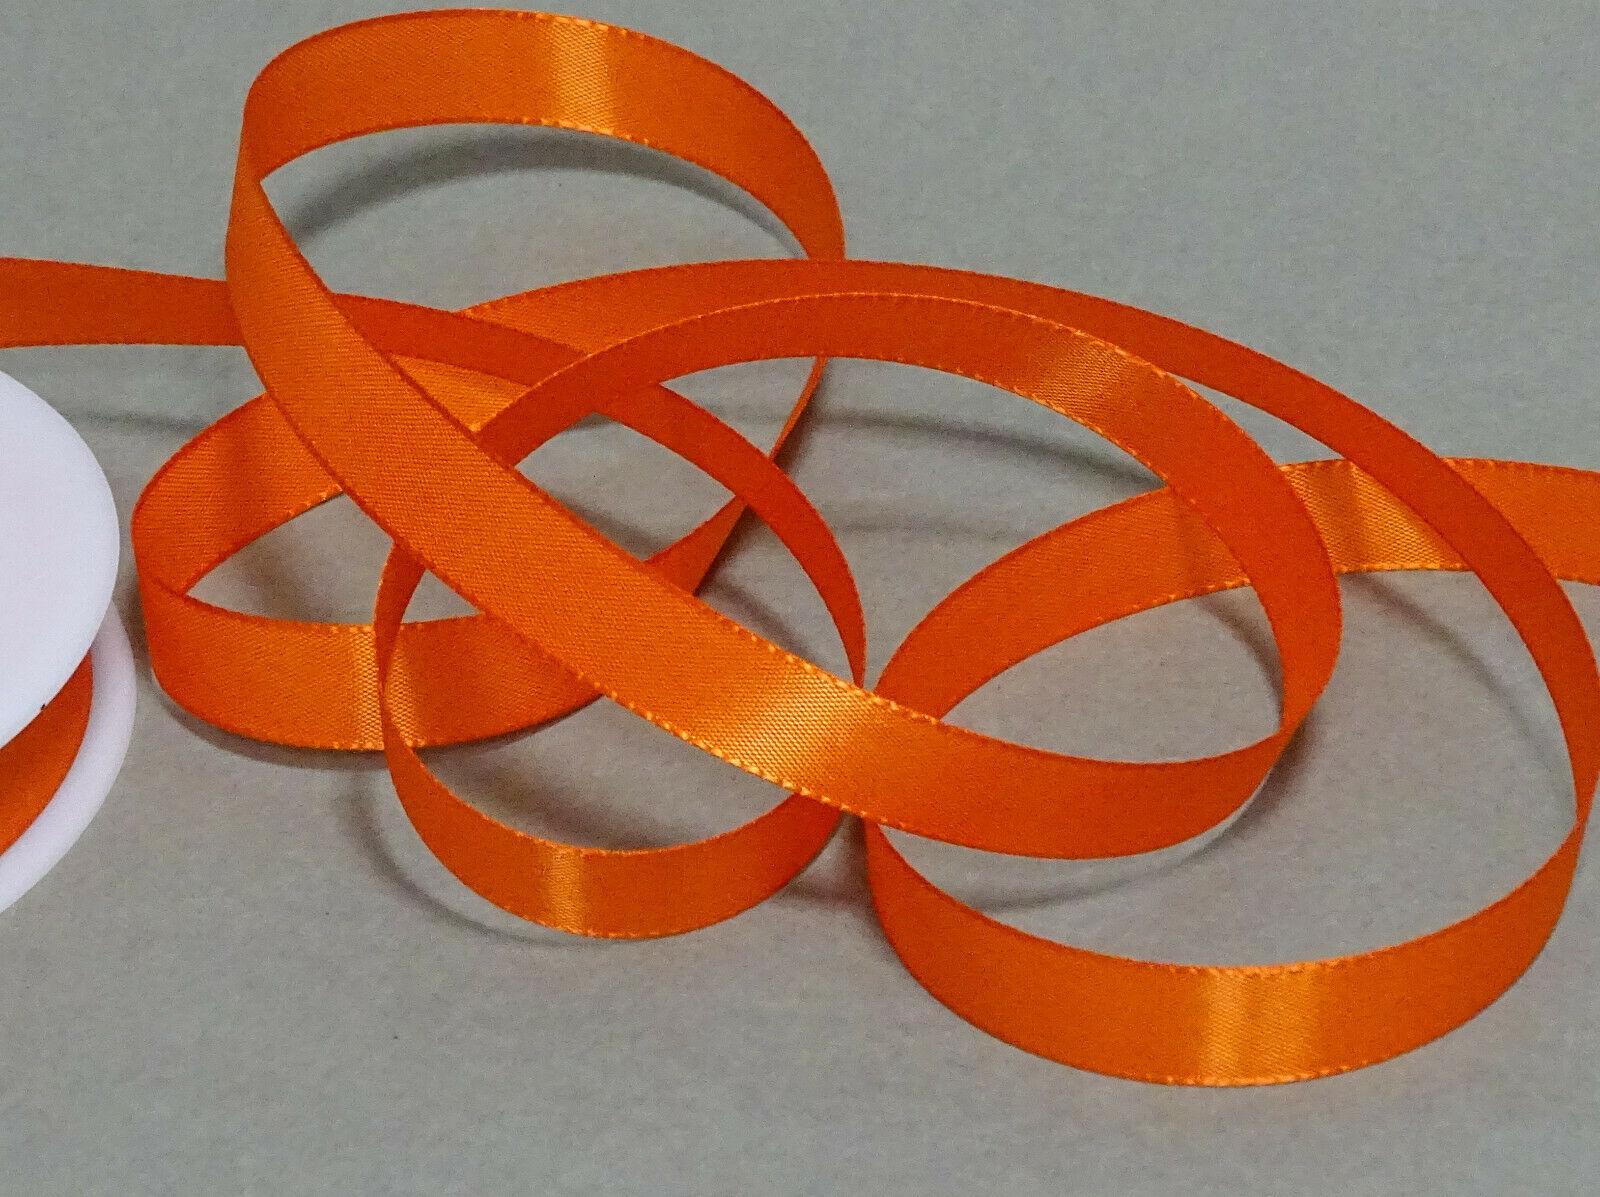 Seidenband Schleifenband 50 m x 15 mm / 40 mm Dekoband ab 0,08 €/m Geschenkband  - Orange 237, 15 mm x 50 m